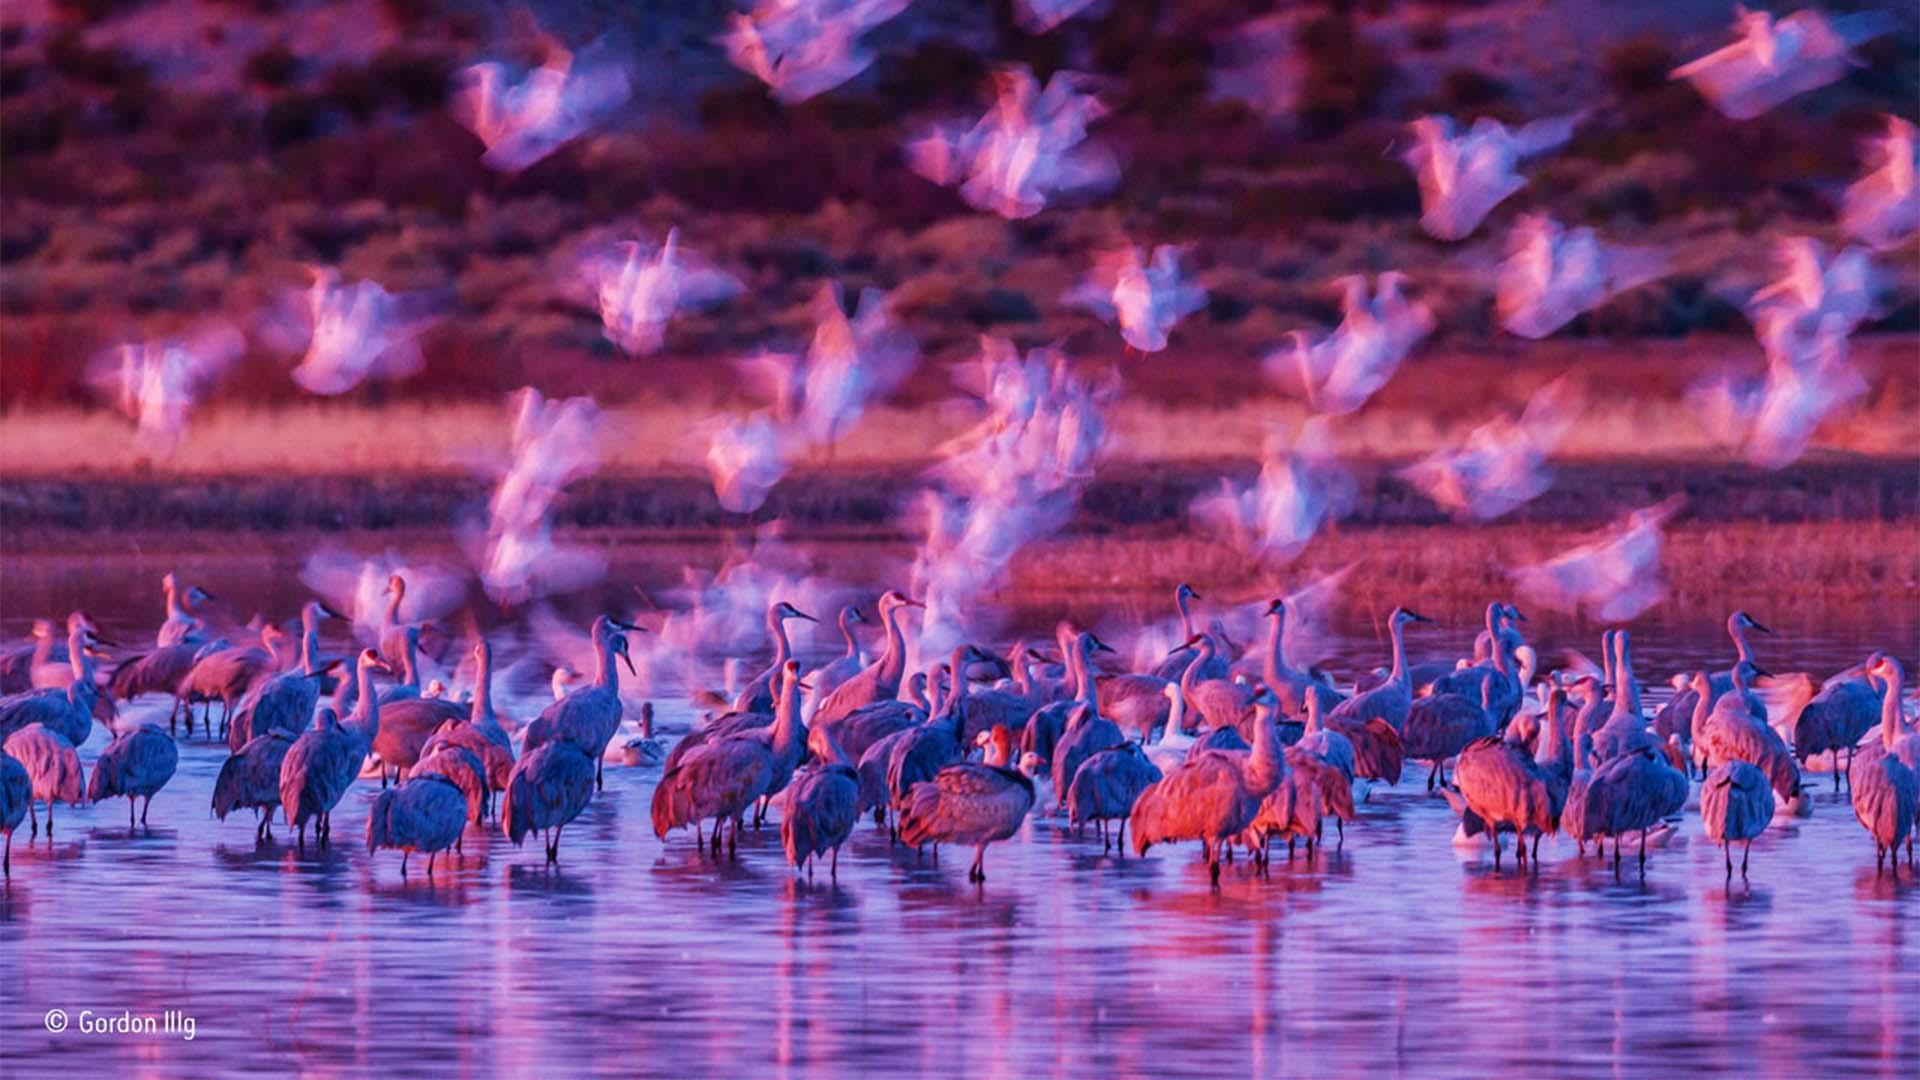 Geese landing beside cranes in a US wildlife refuge